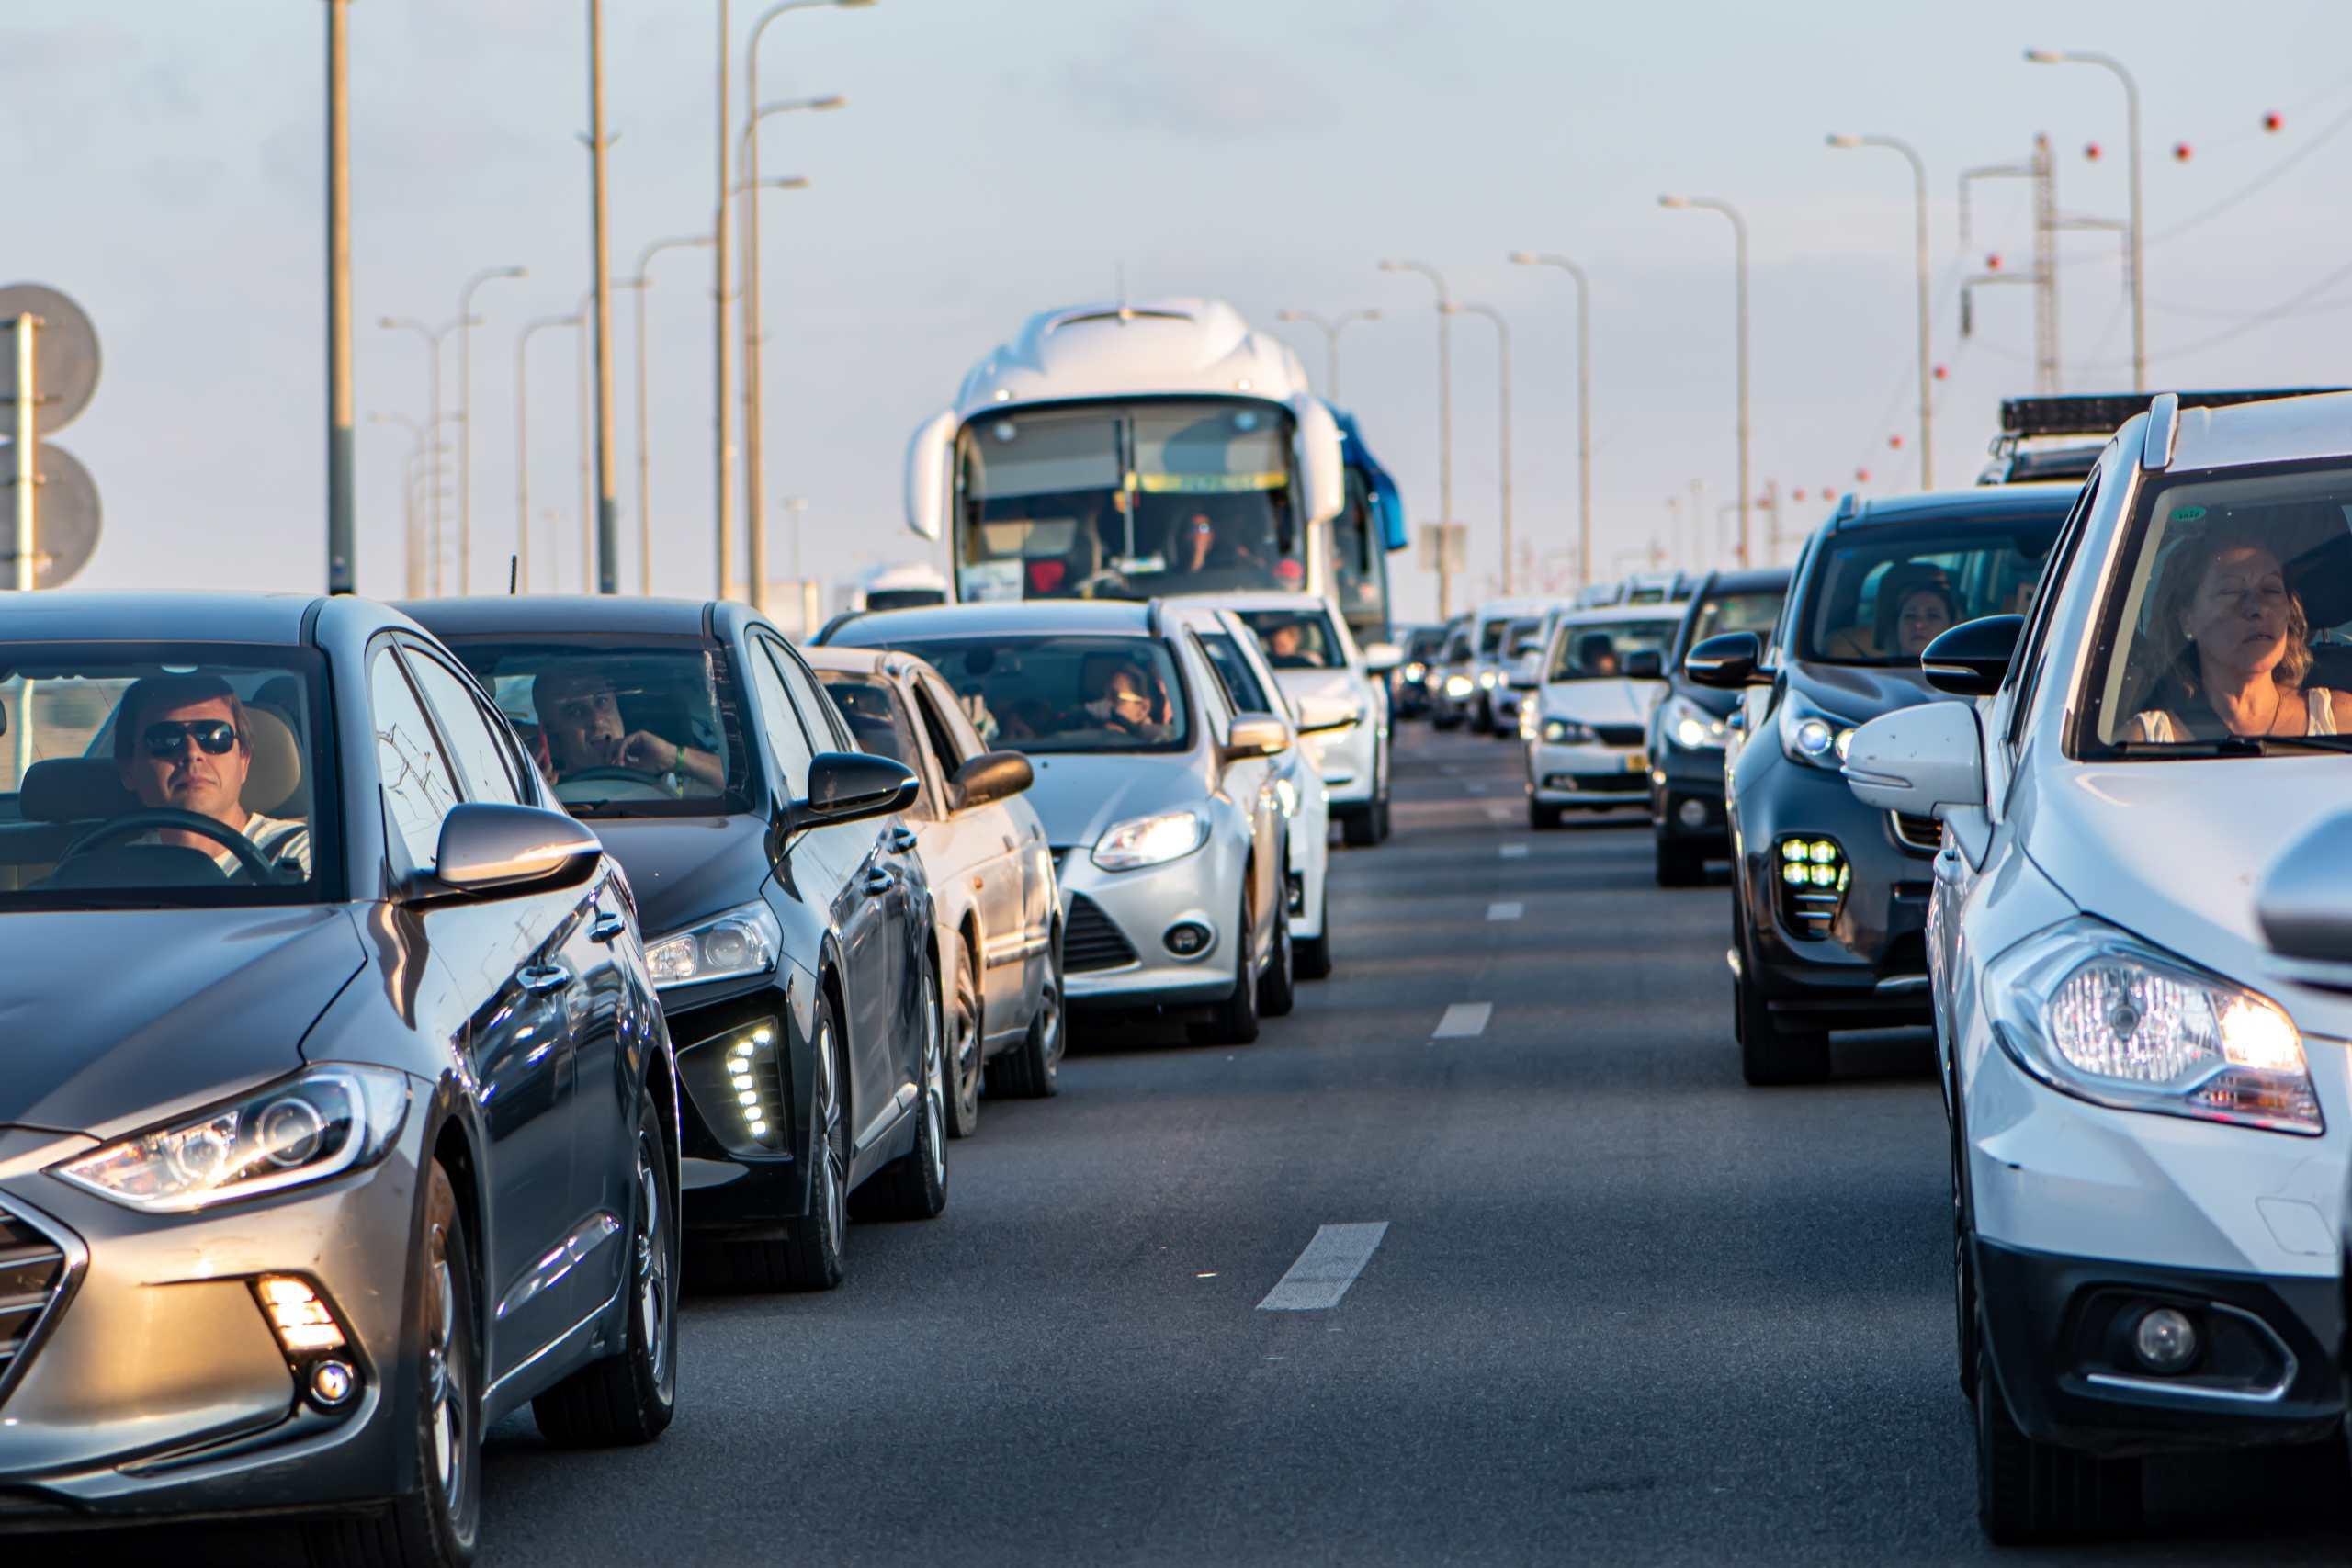 Bild eines Staus auf der Autobahn